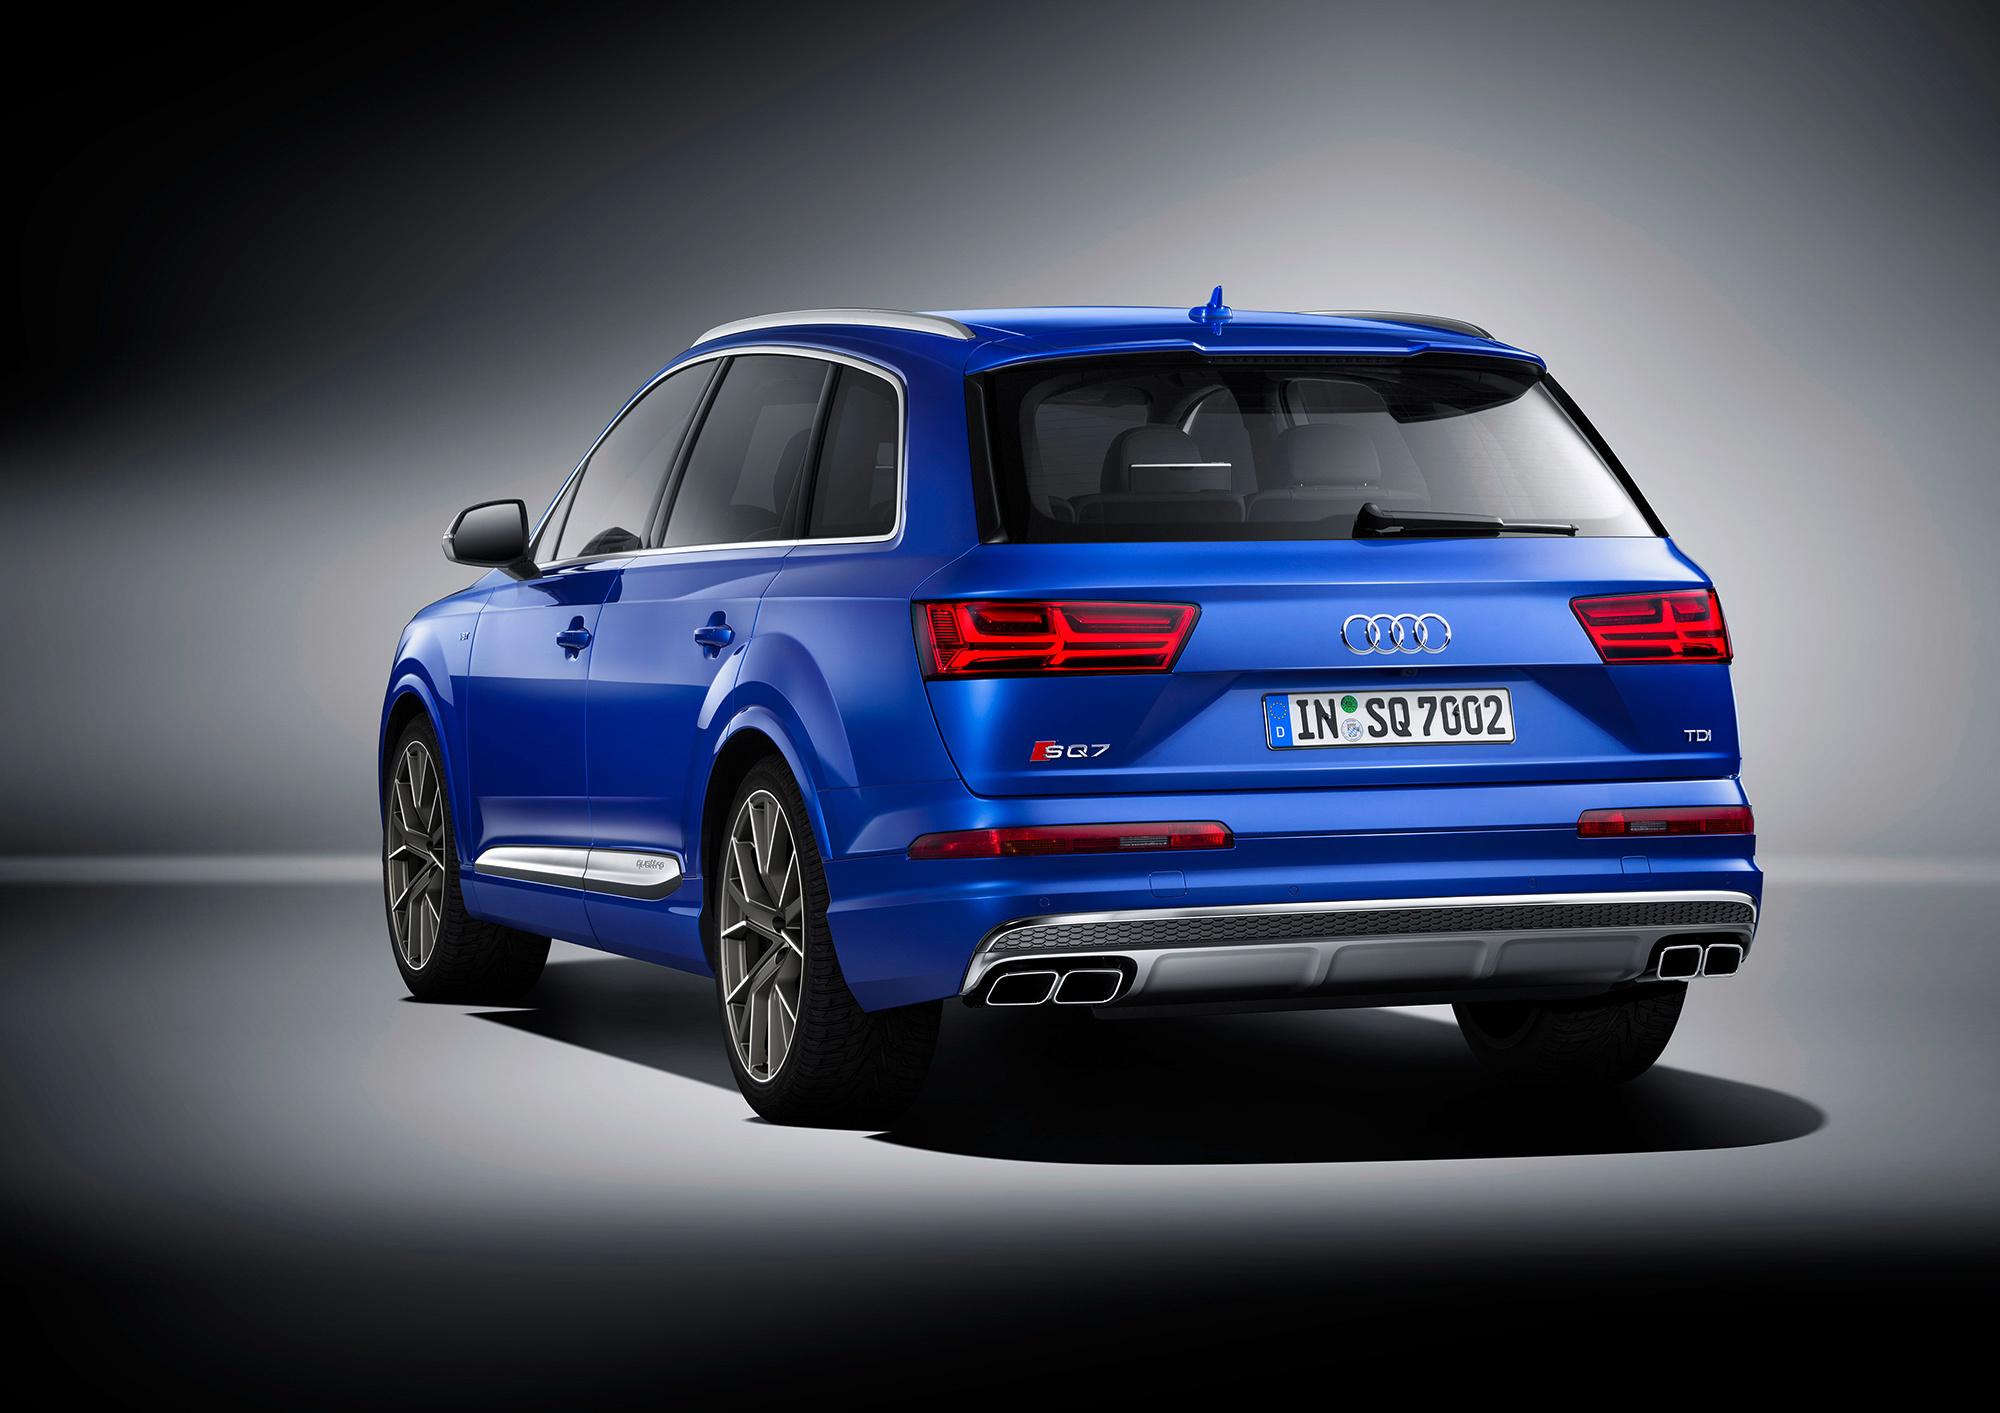 Audi SQ7 Images